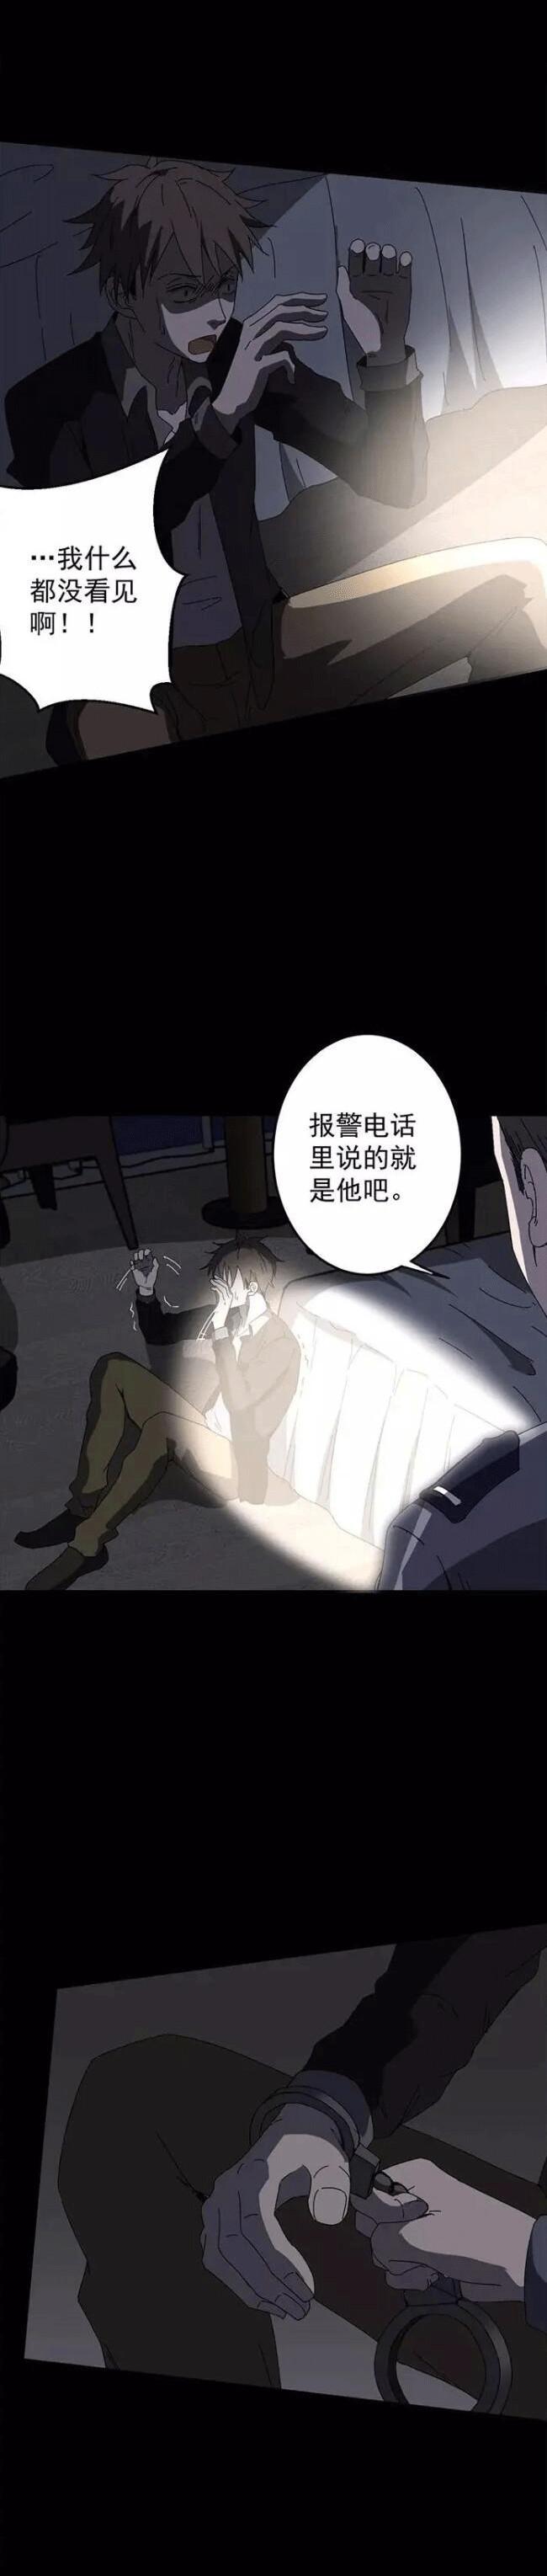 驚悚漫畫: 《酒店有鬼》黑客在酒店被鬼嚇到, 然後自己就被警察抓走瞭-圖12